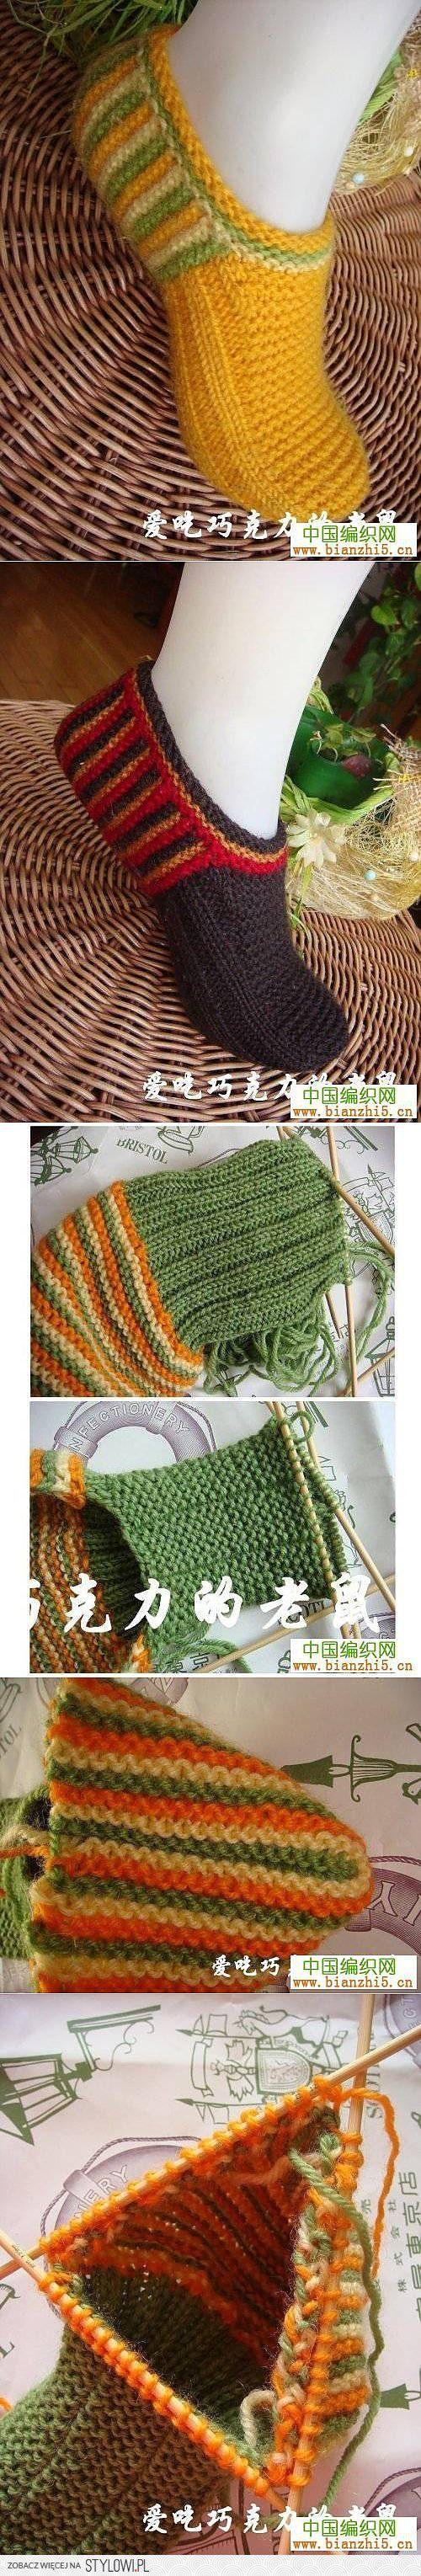 Sledkov two spokes seamless: knitting master class (photo)